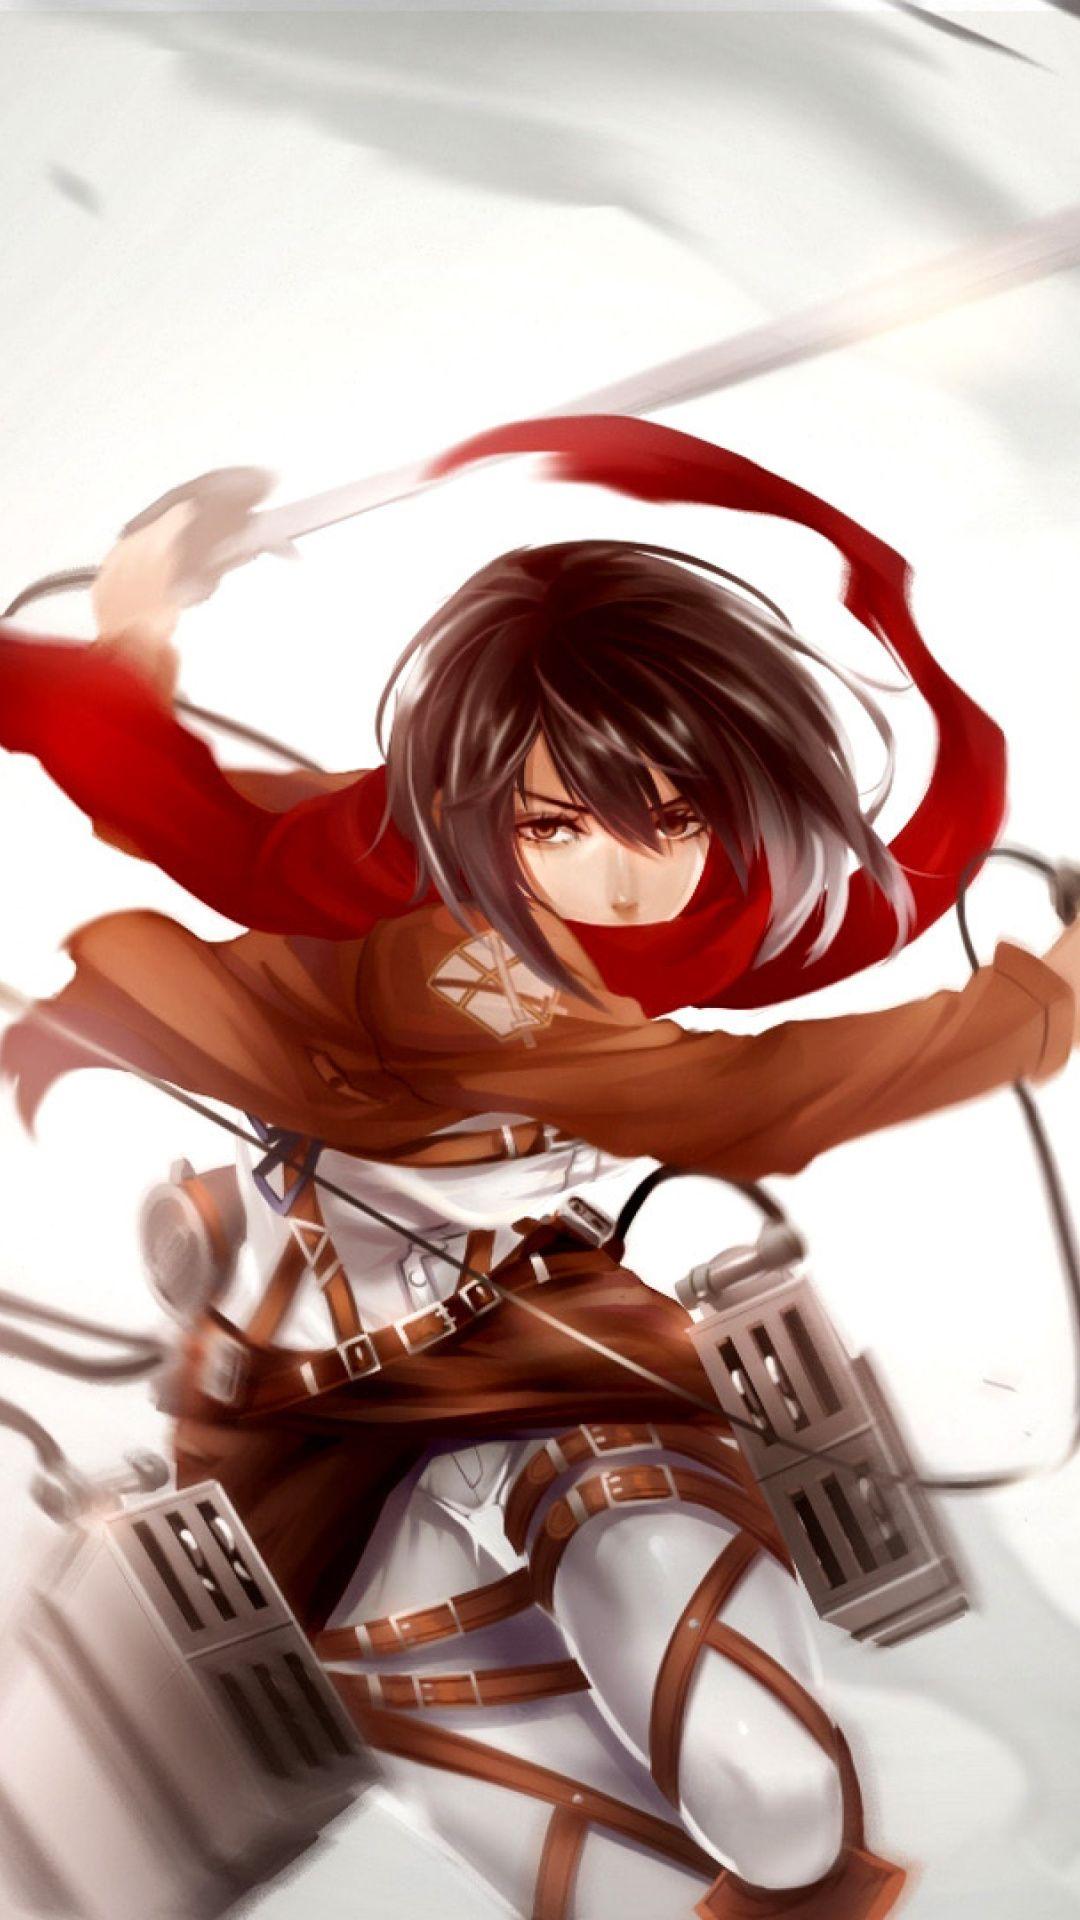 Attack On Titan Mikasa Wallpaper